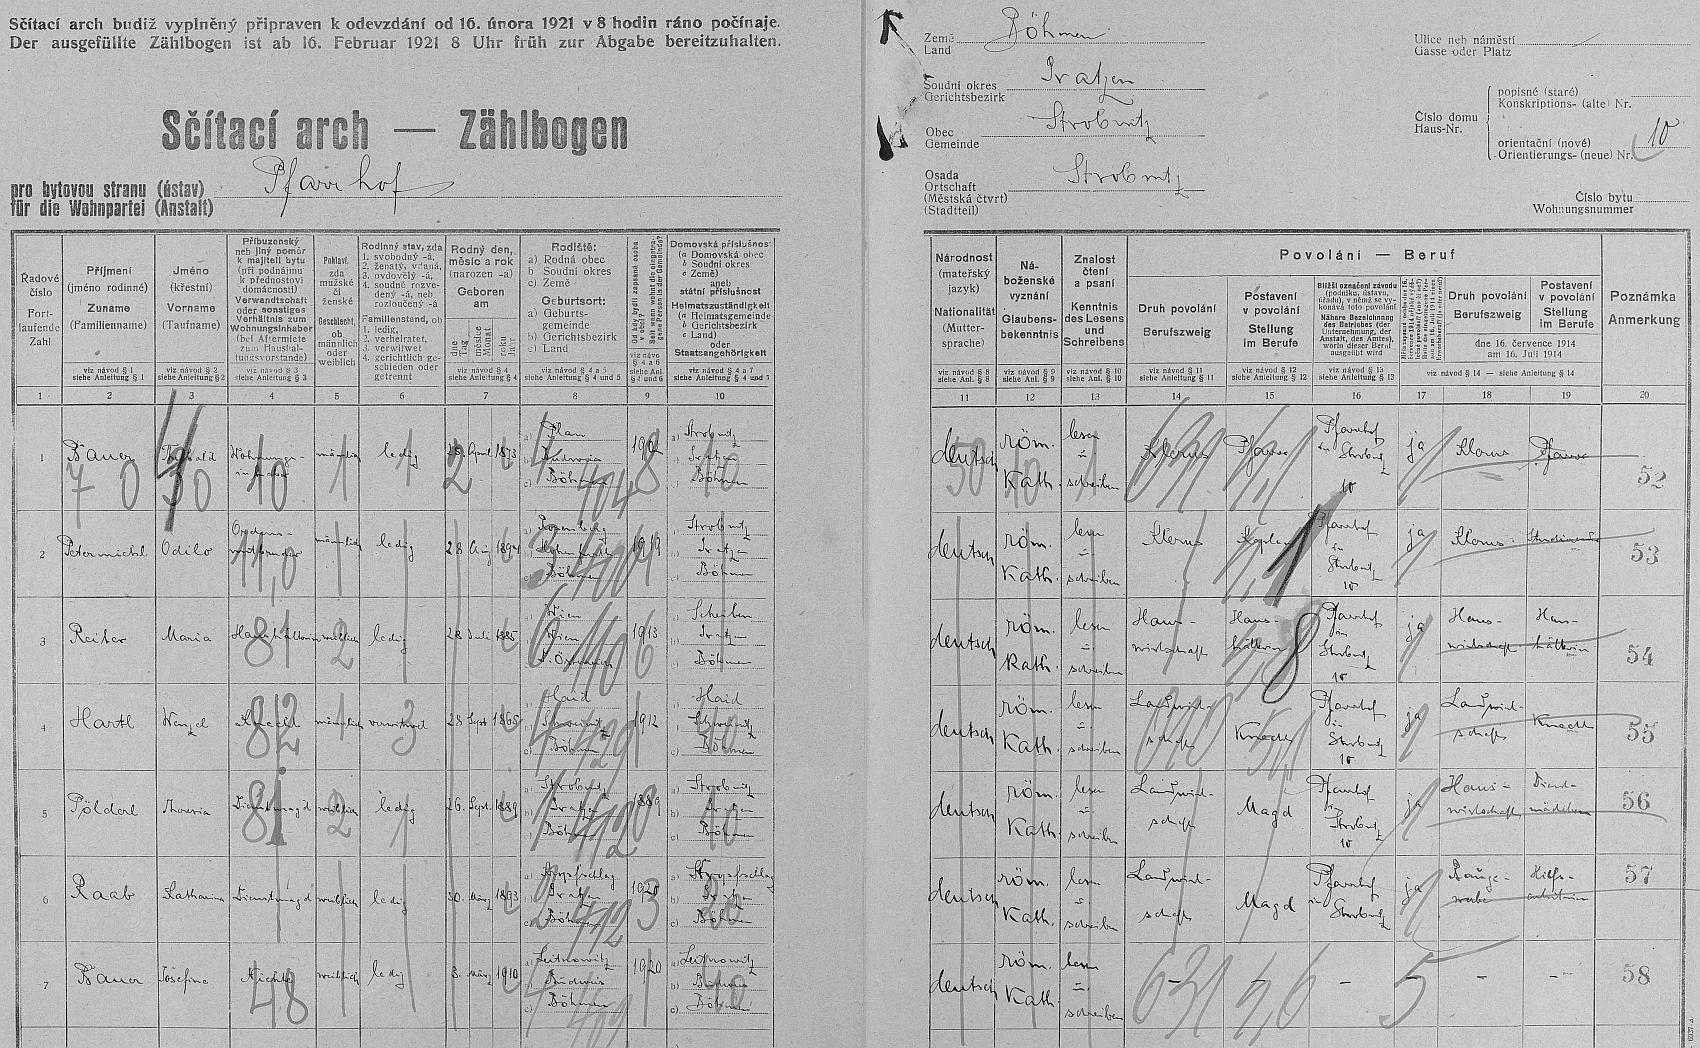 """Arch sčítání lidu z roku 1921 pro """"farní dvůr"""" (Pfarrhof) čp. 10 v Horní Stropnic i s jeho daty"""